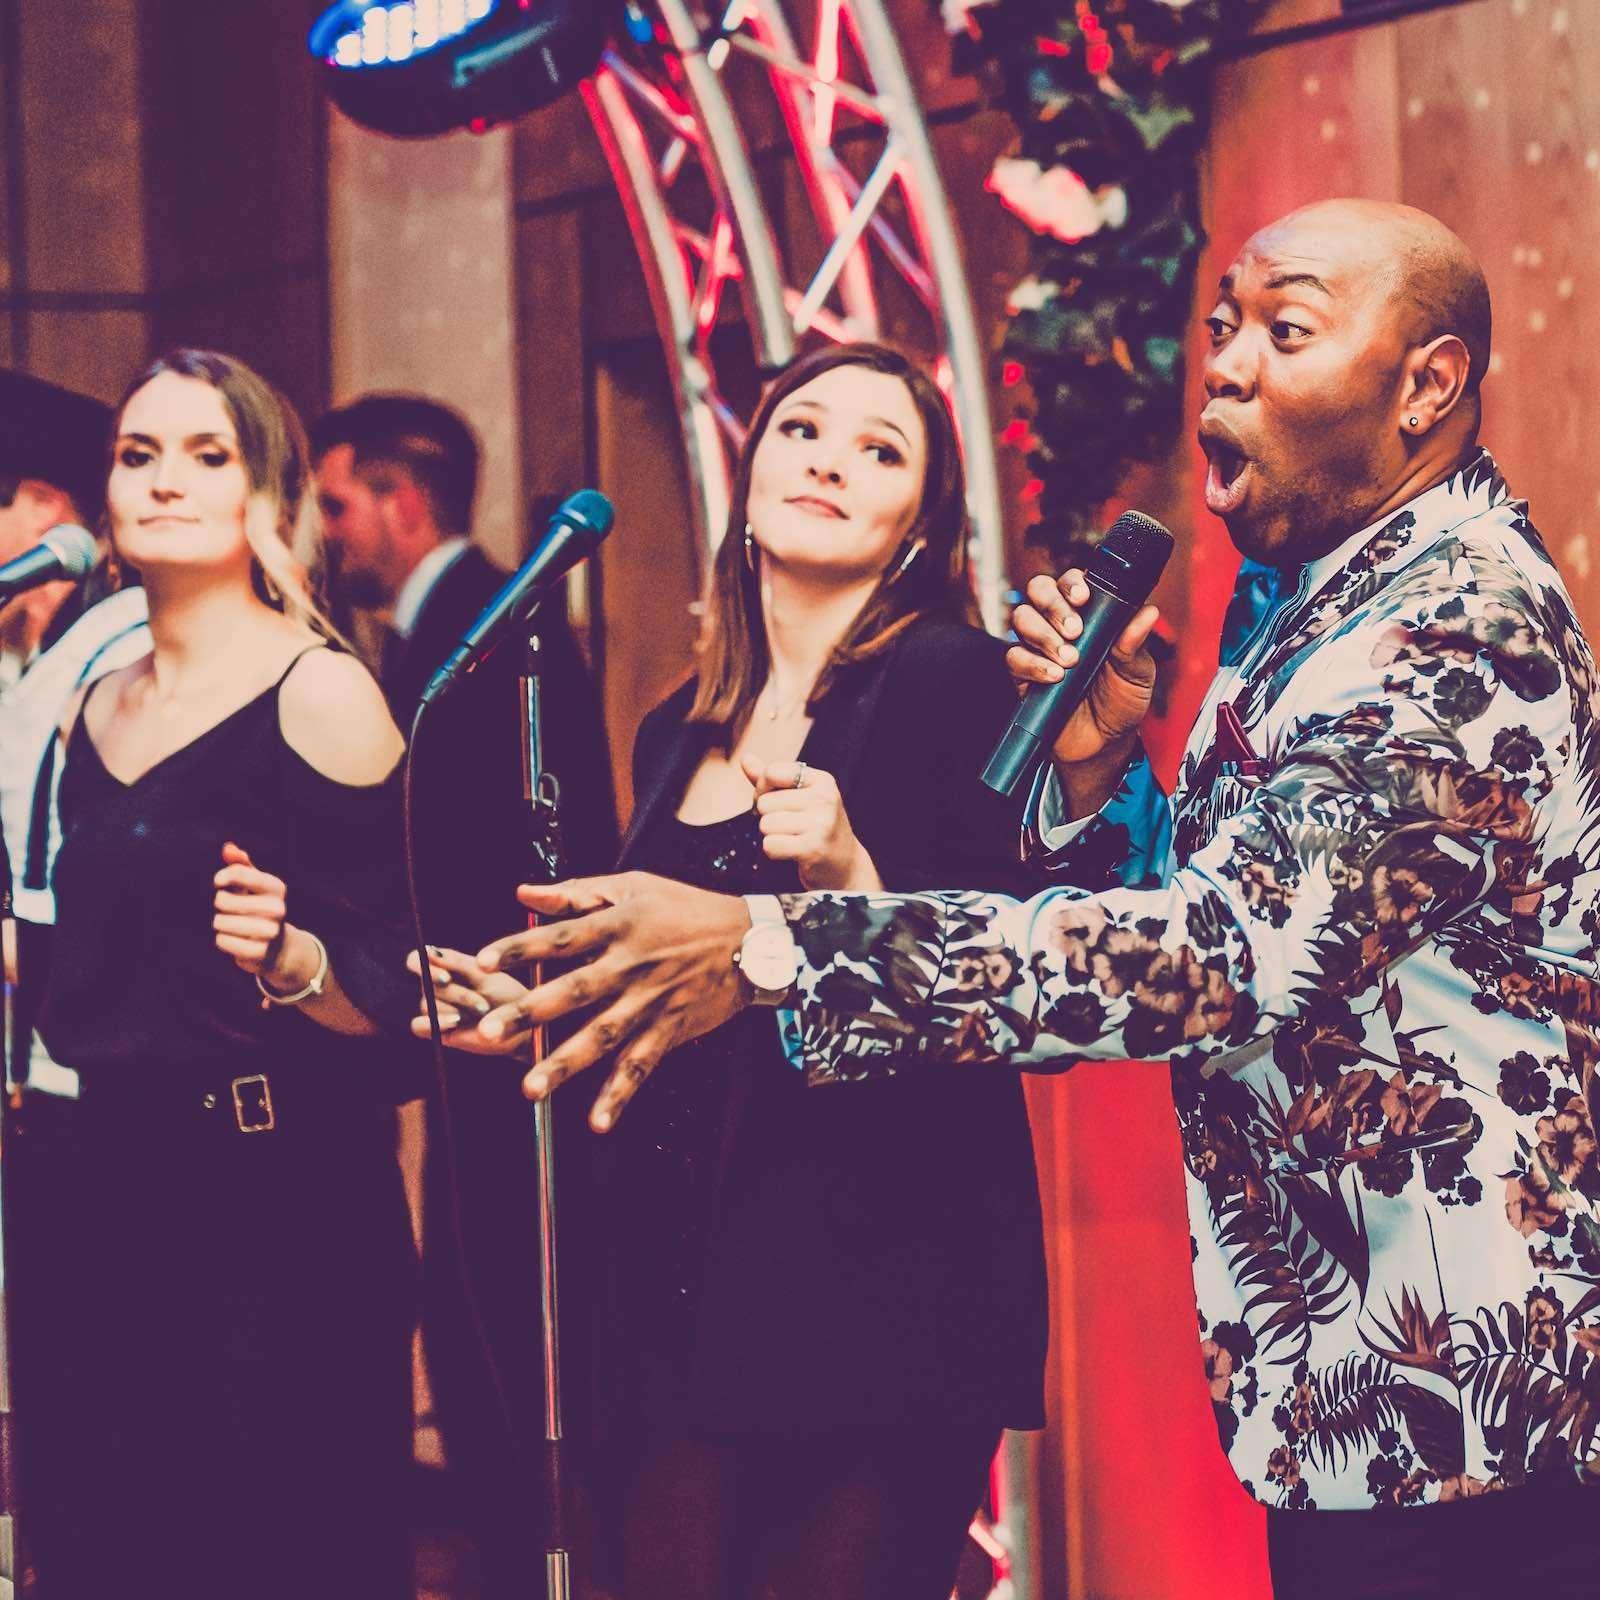 Band | Hannover | Hochzeit | Empfang | Party | Liveband | Livemusik | Jazz | Swing | Loungeband | Popband | Jazz | Sänger | Frontsänger | Messe | Firmenfeier | Gala | Buchen | Mieten | Anfragen | Lehmann | Eventservice